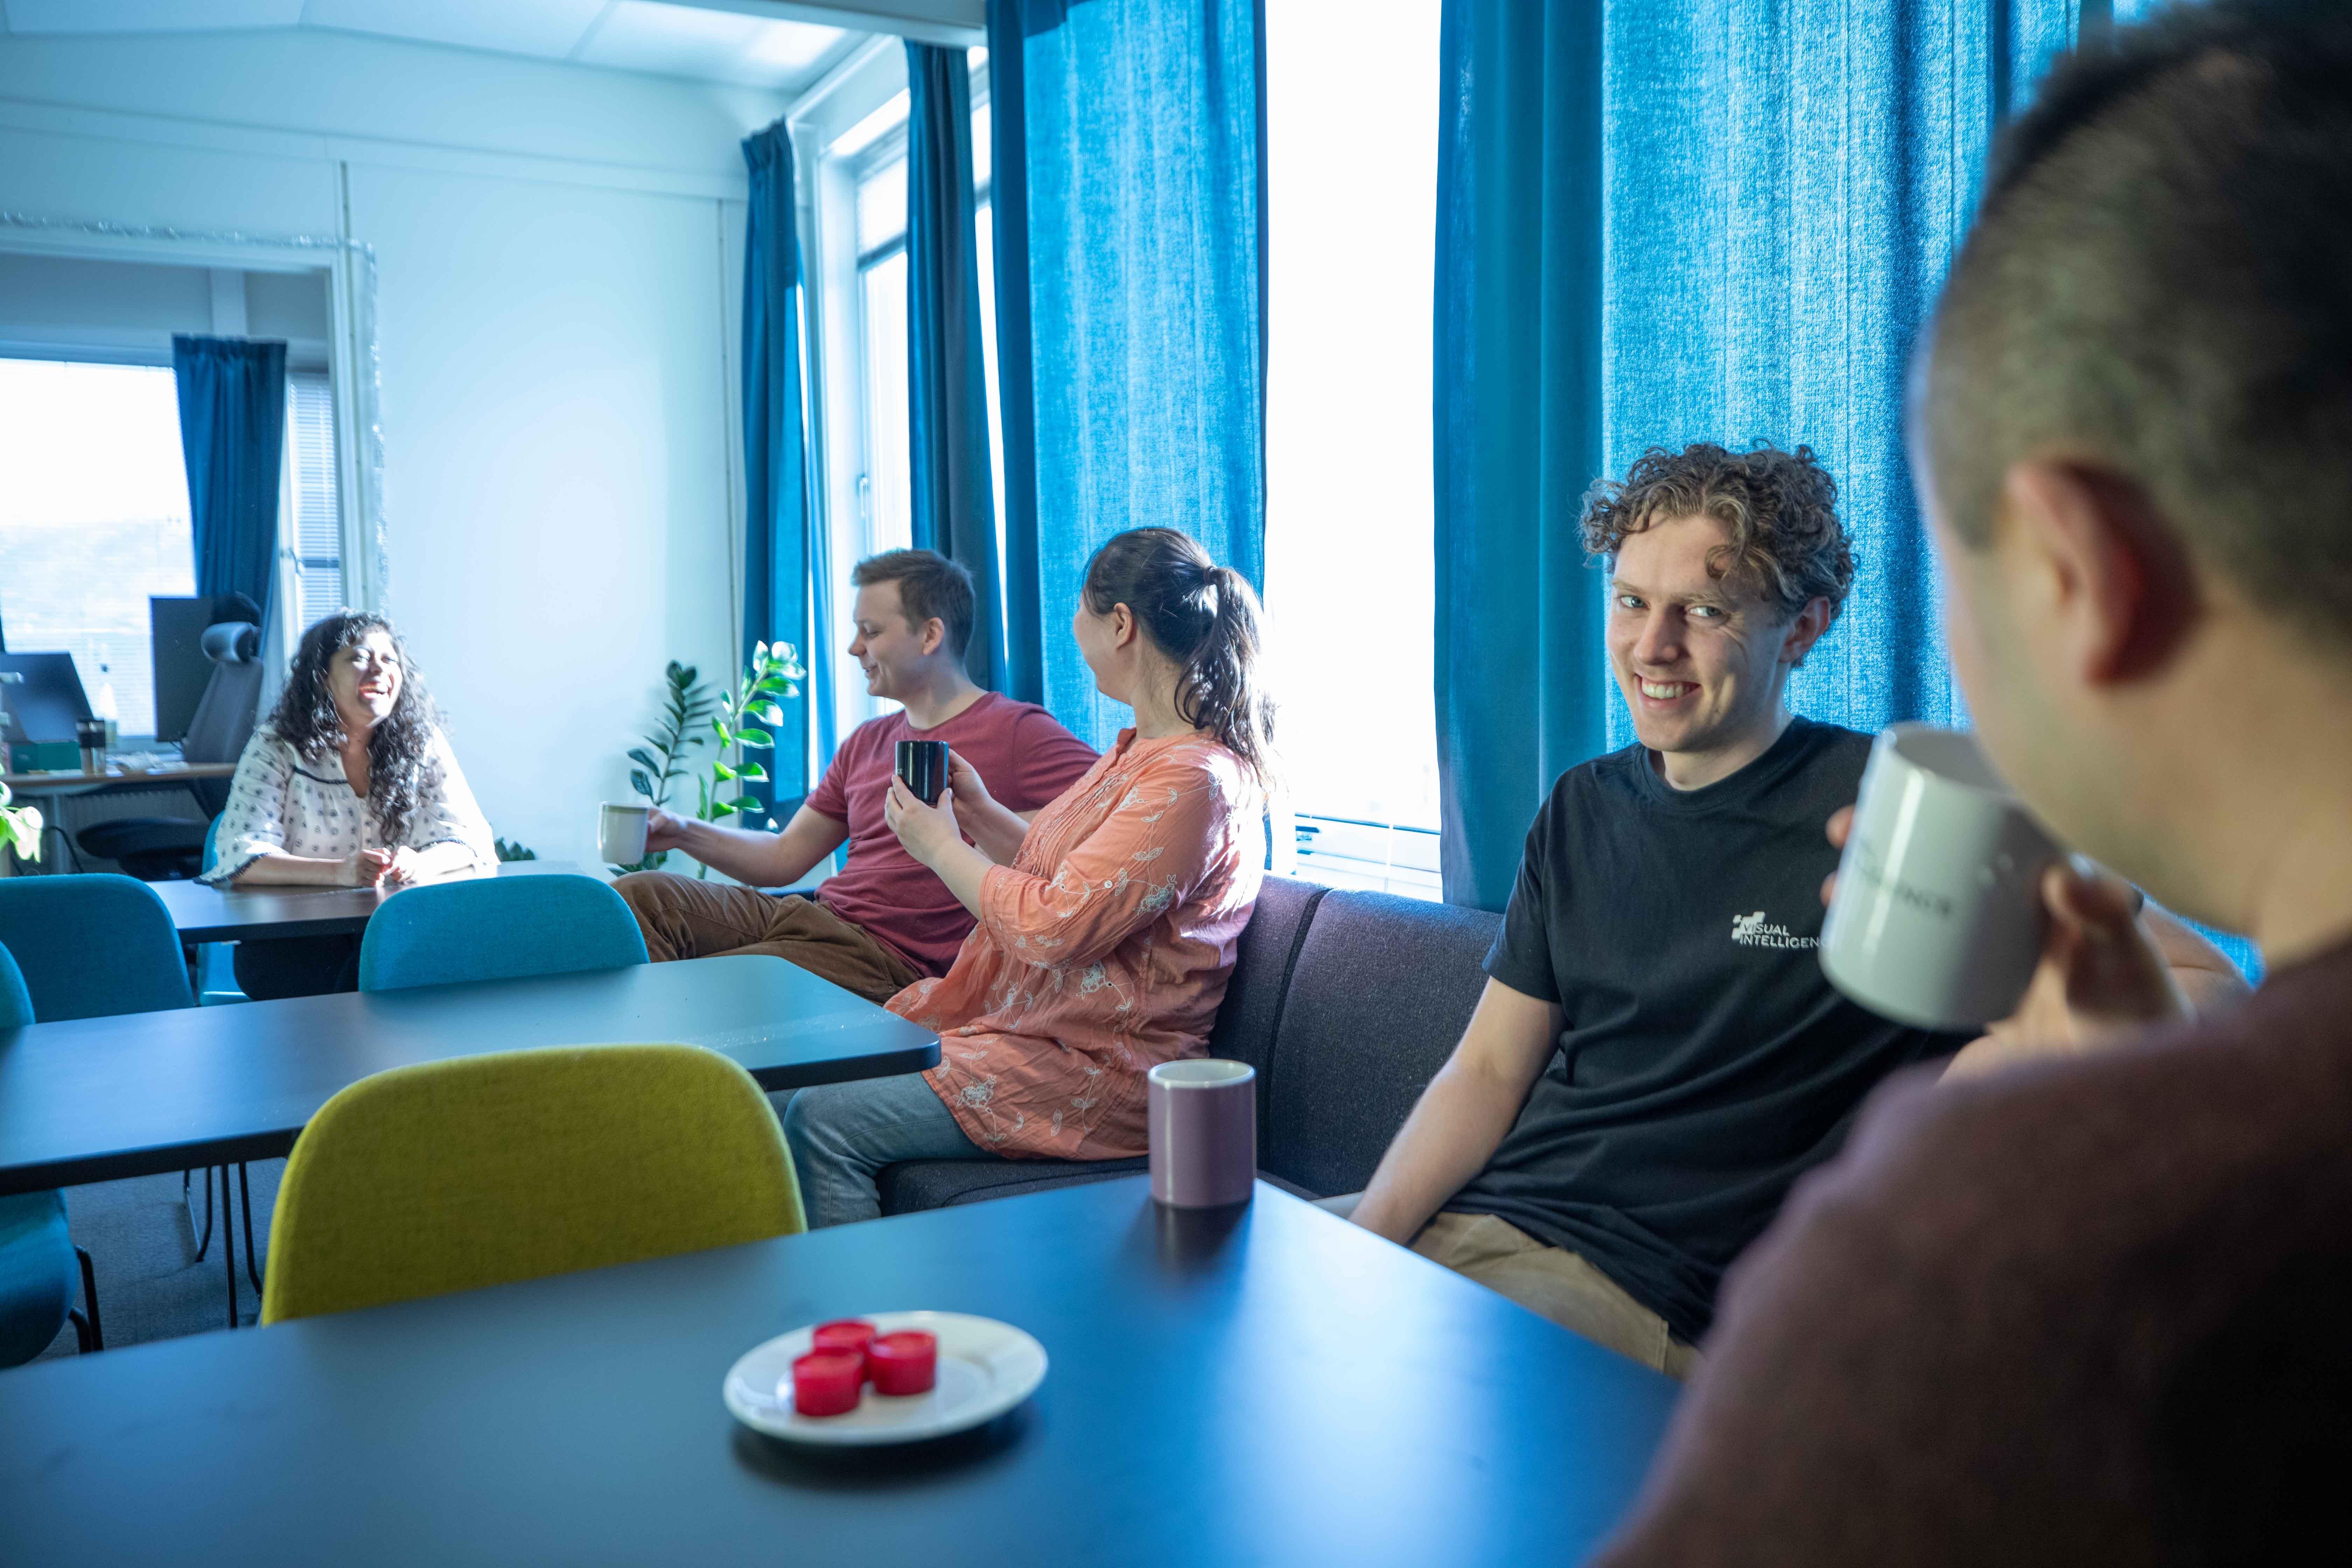 Social interaction at Visual Intelligence